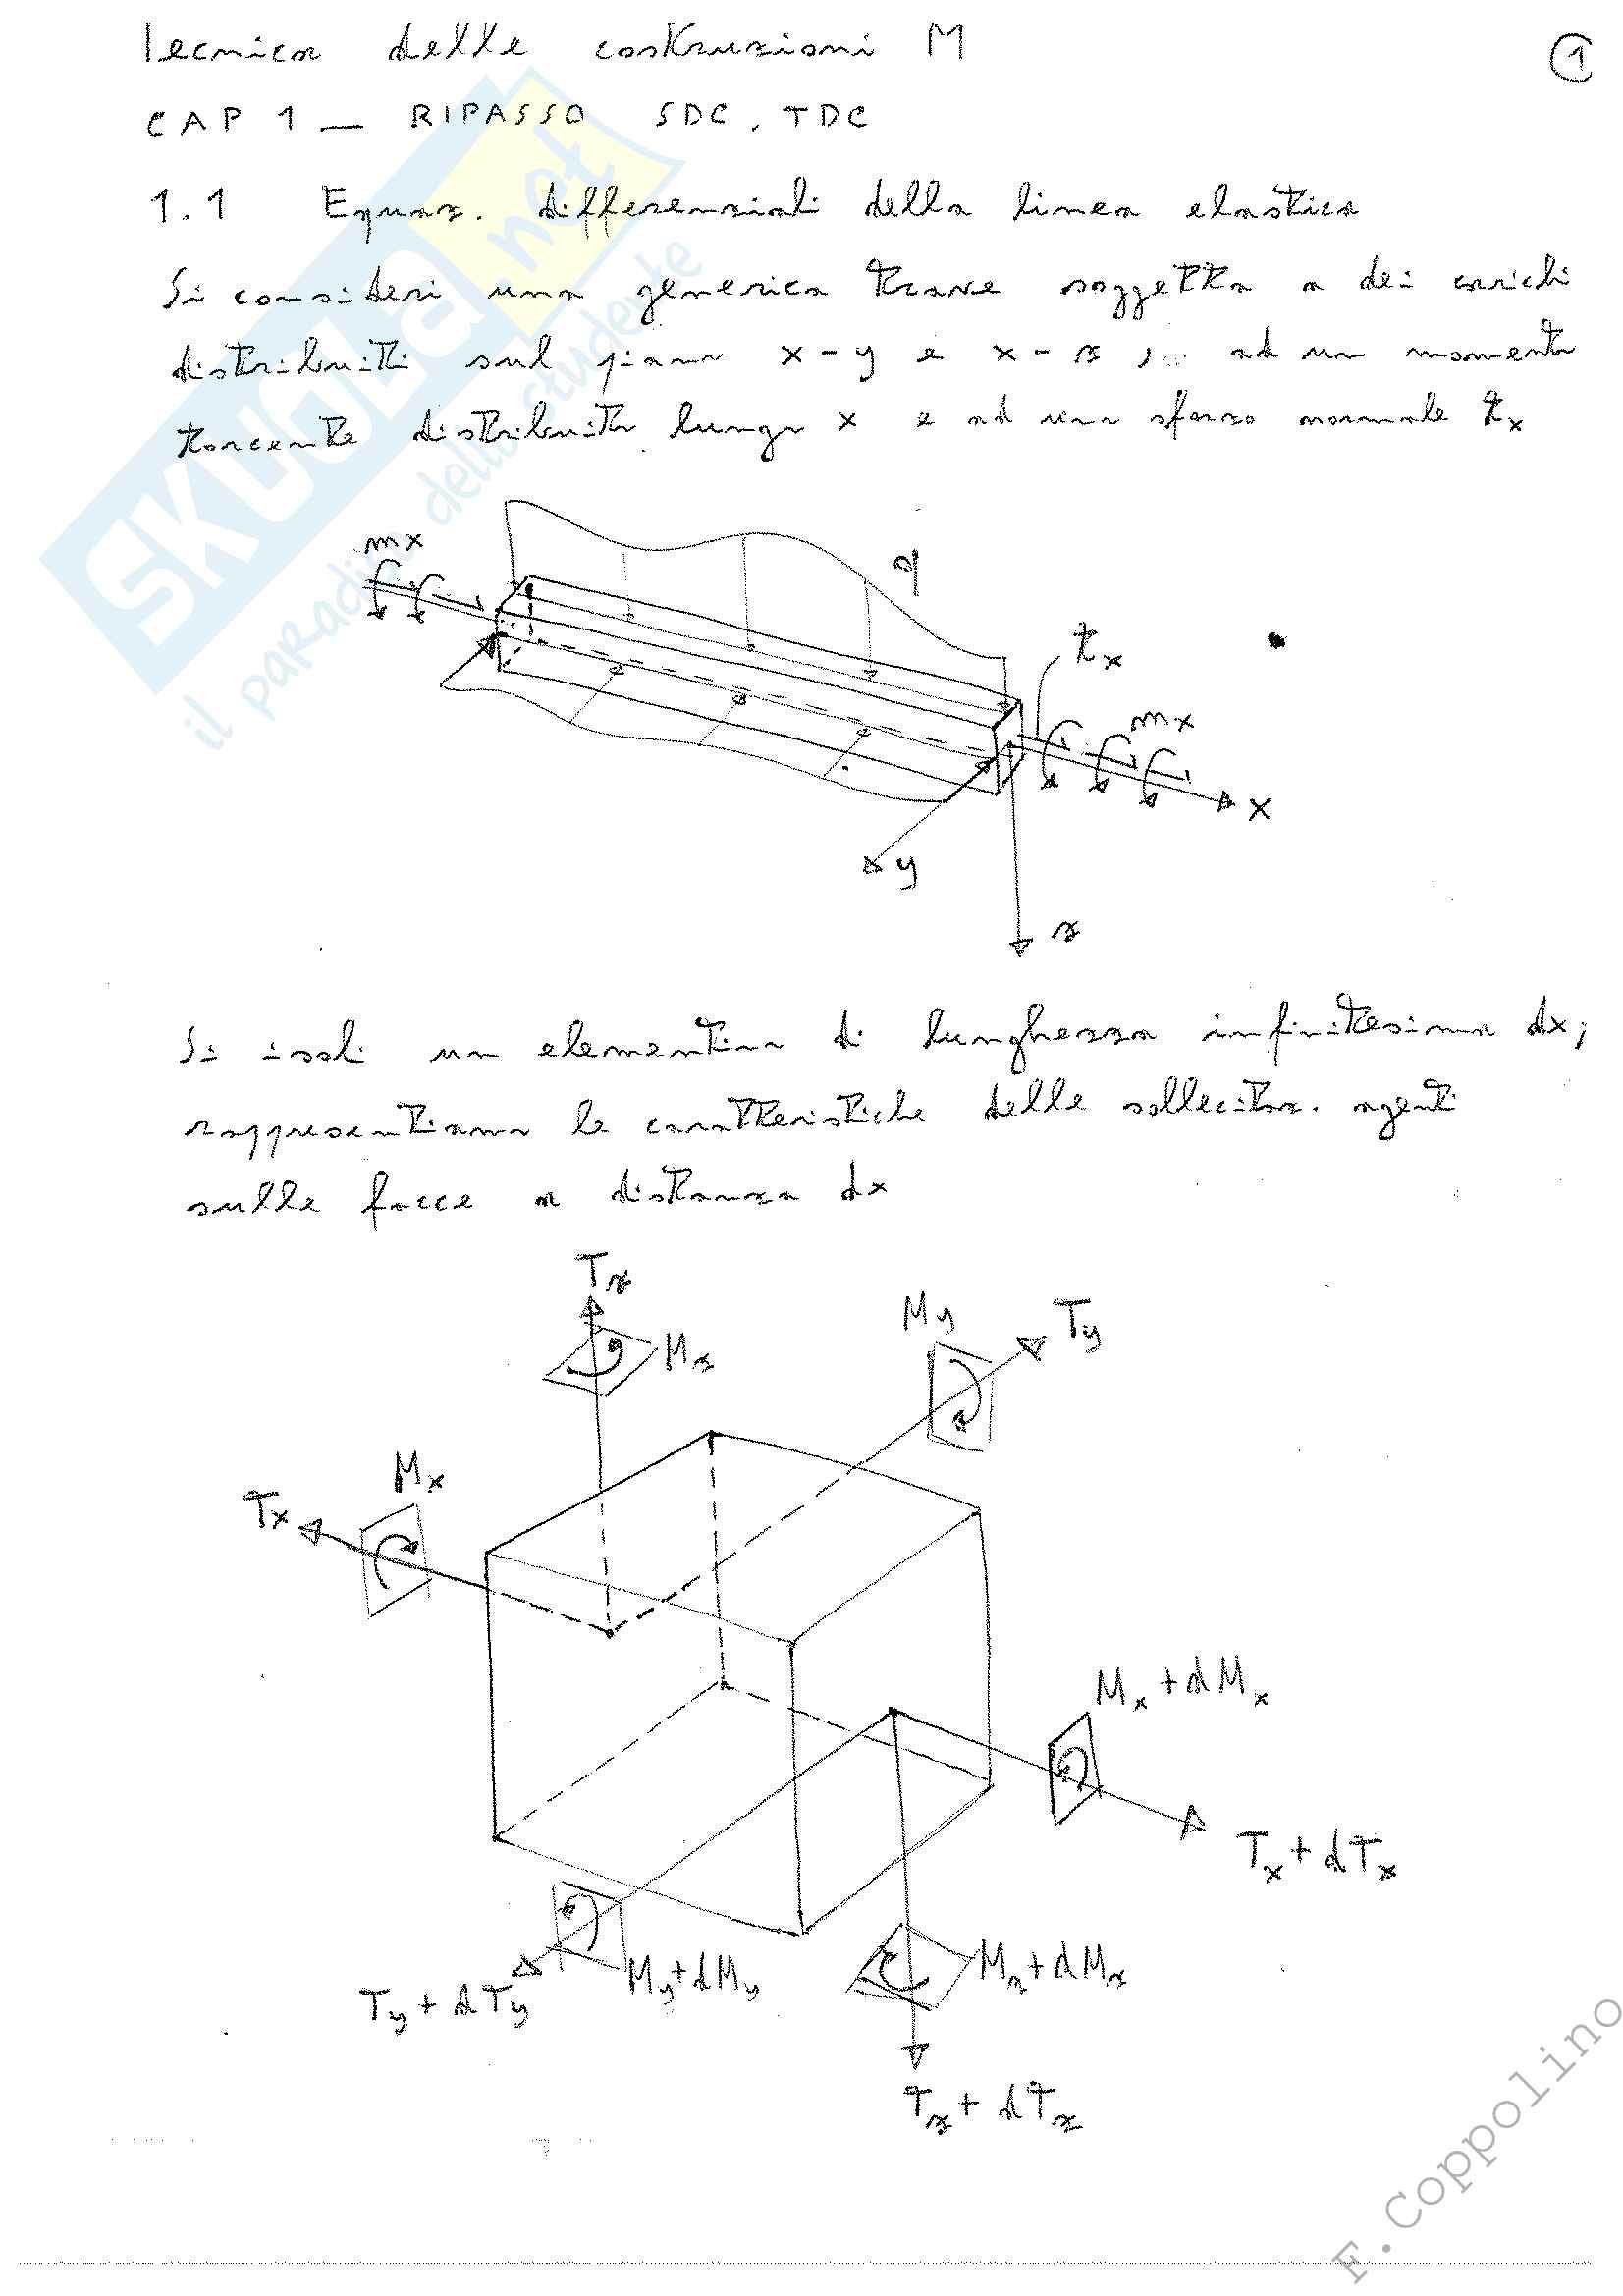 Tecnica delle Costruzioni M, appunti integrati